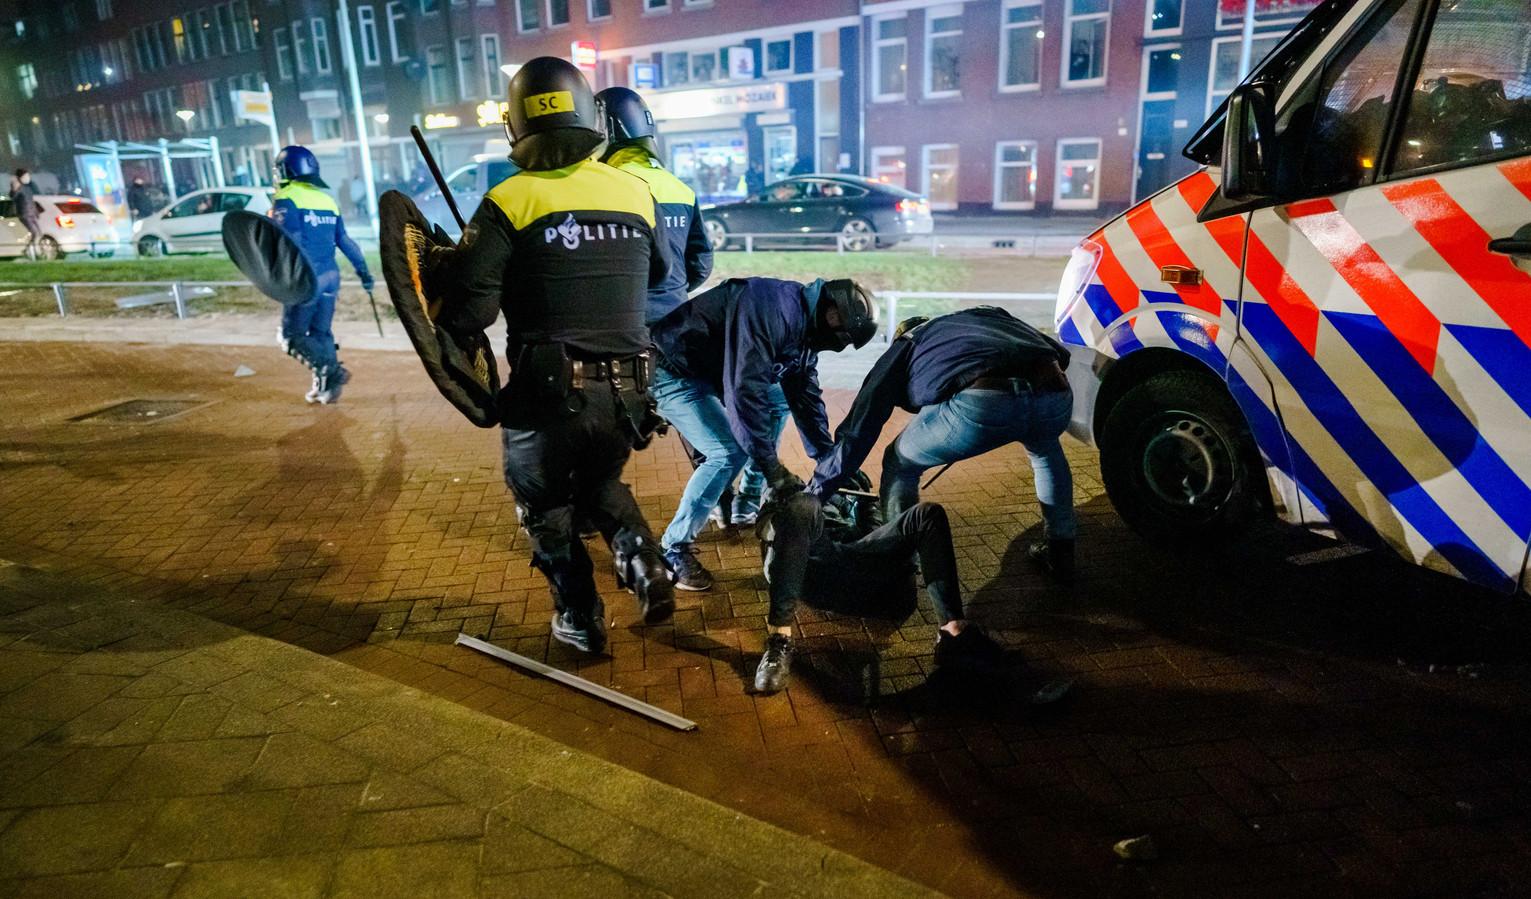 De politie heeft een relschopper te pakken nadat de agenten werden bekogeld met zwaar vuurwerk en stenen.